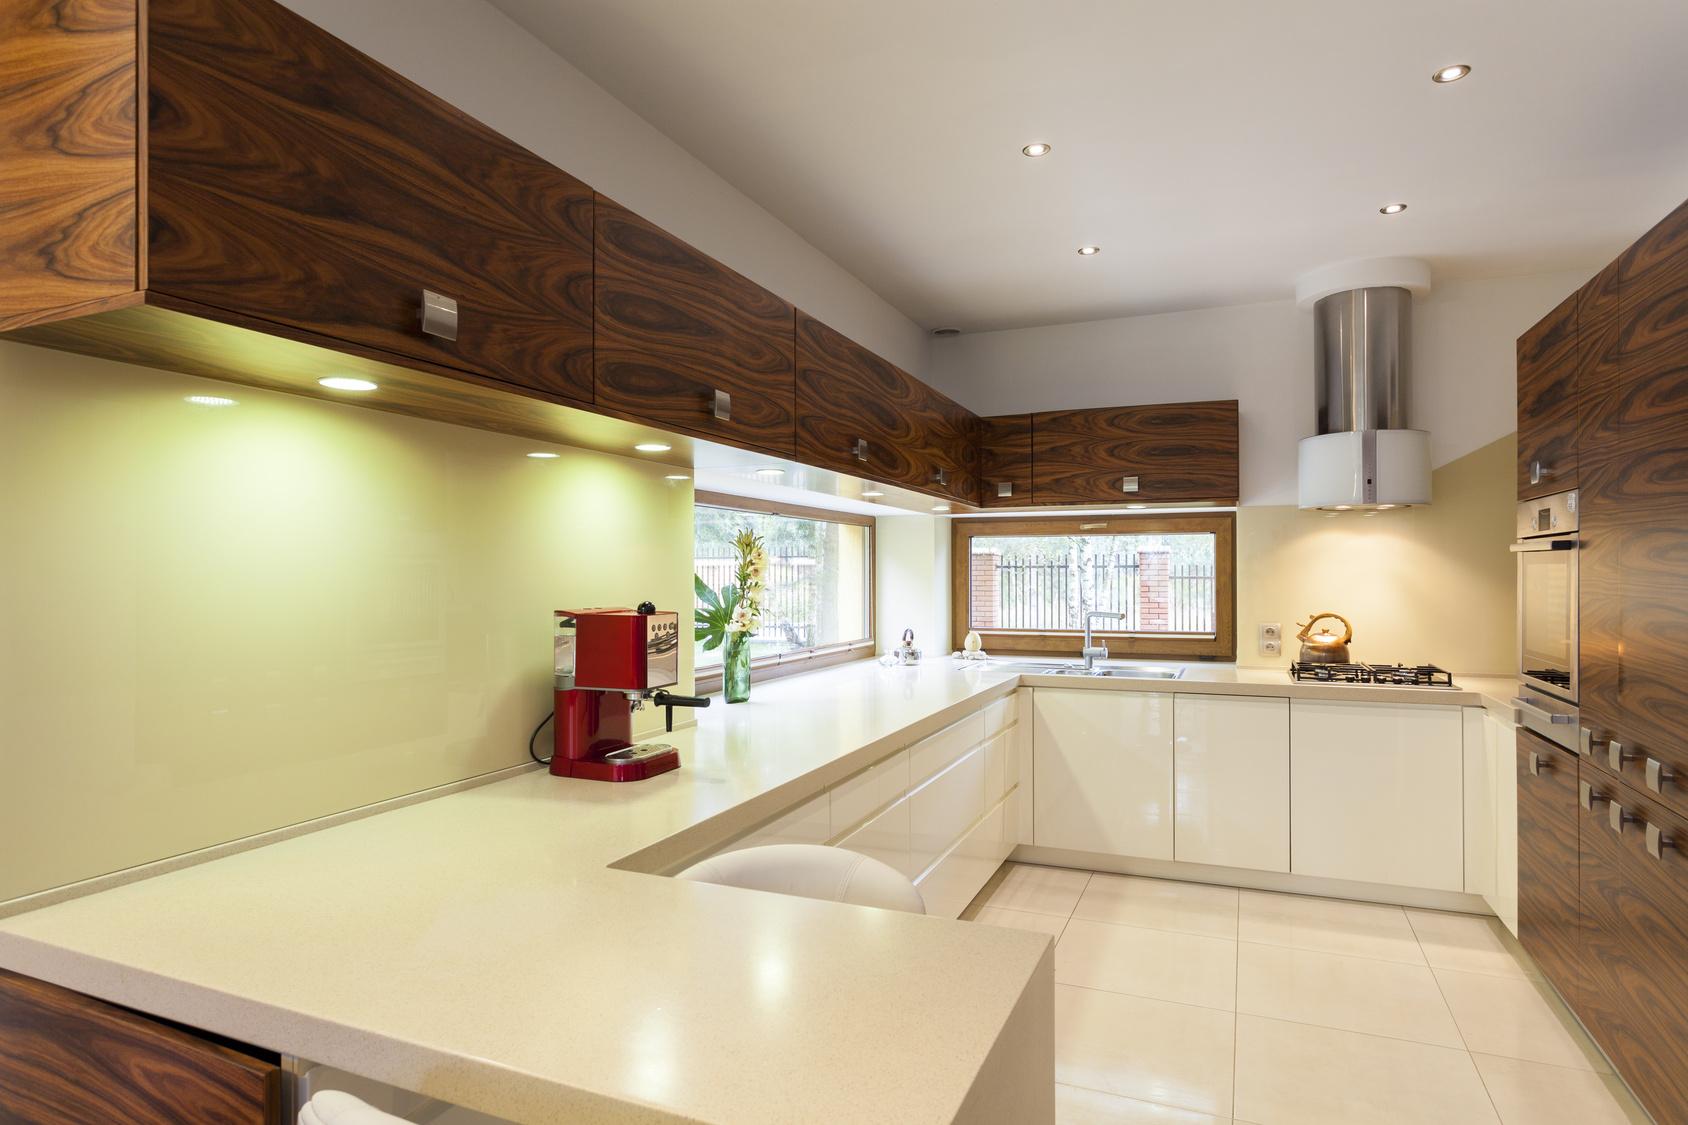 Moderní kuchyně v kombinaci dřeva a bílé barvy.